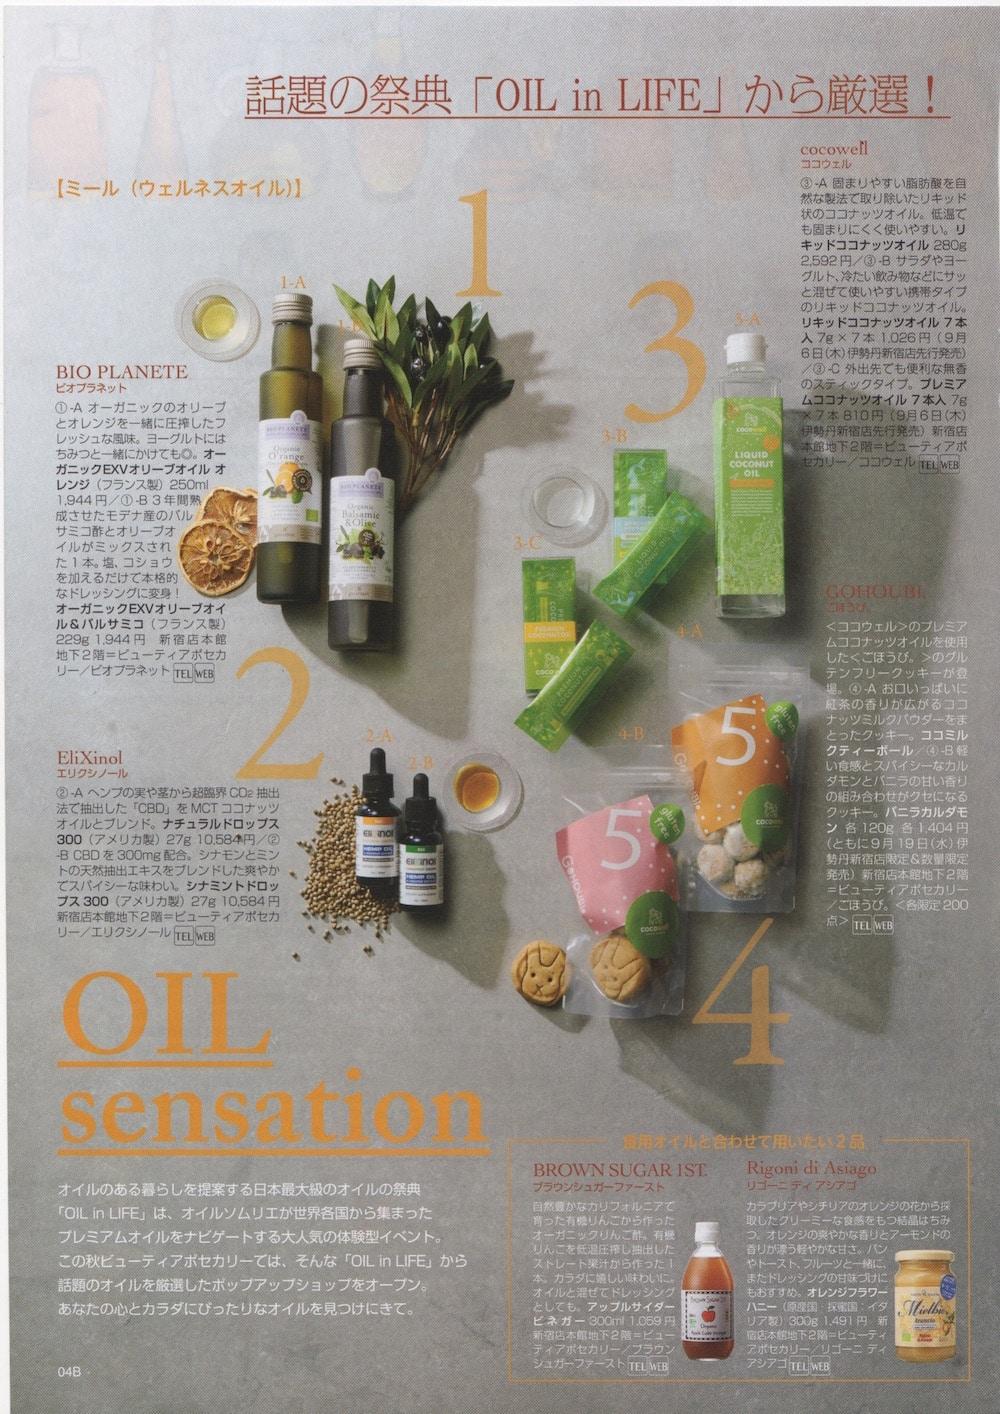 OIL SENSATION。ヘンプの実や茎から超臨界CO2抽出法で抽出した「CBD」をMCTココナッツオイルとブレンド。